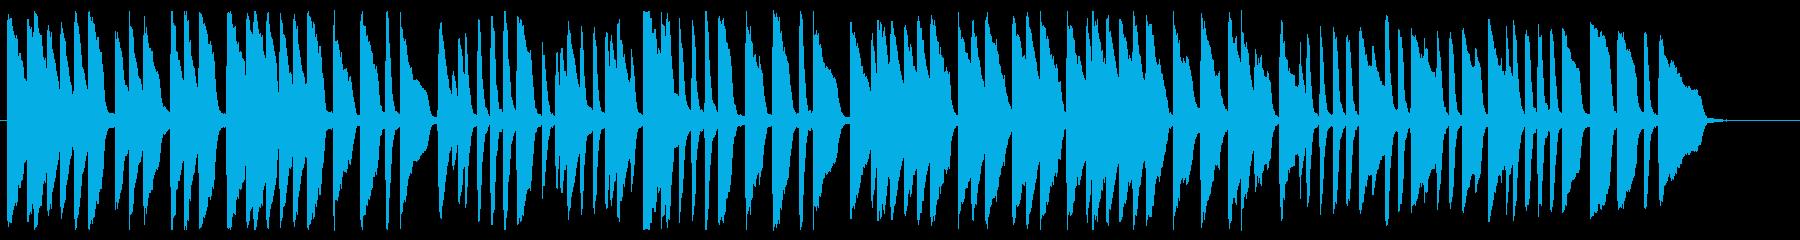 ロンドン橋 ピアノver.の再生済みの波形